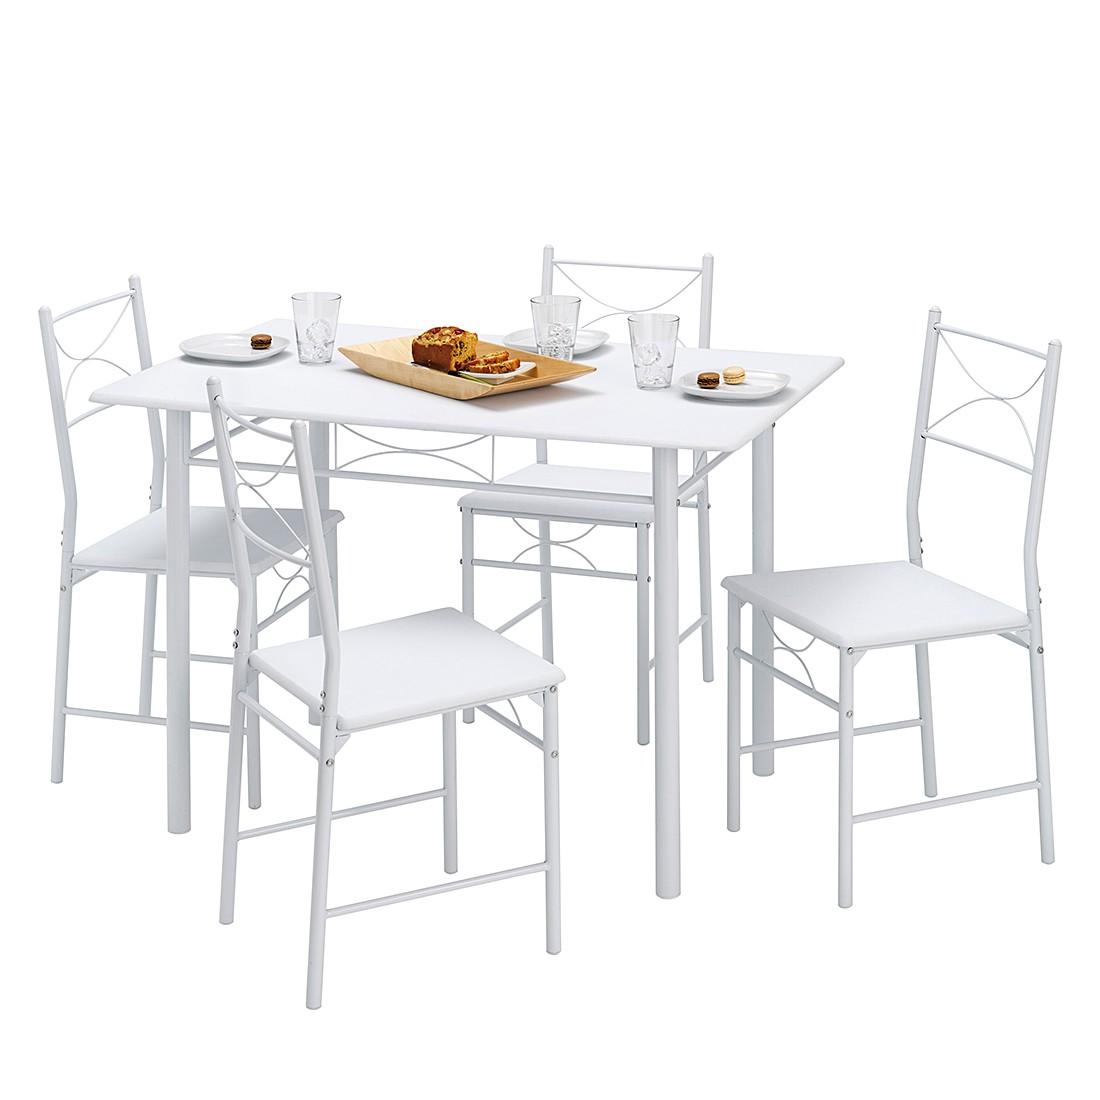 Essgruppe Saint-Denise mit vier Stühlen - Weiß